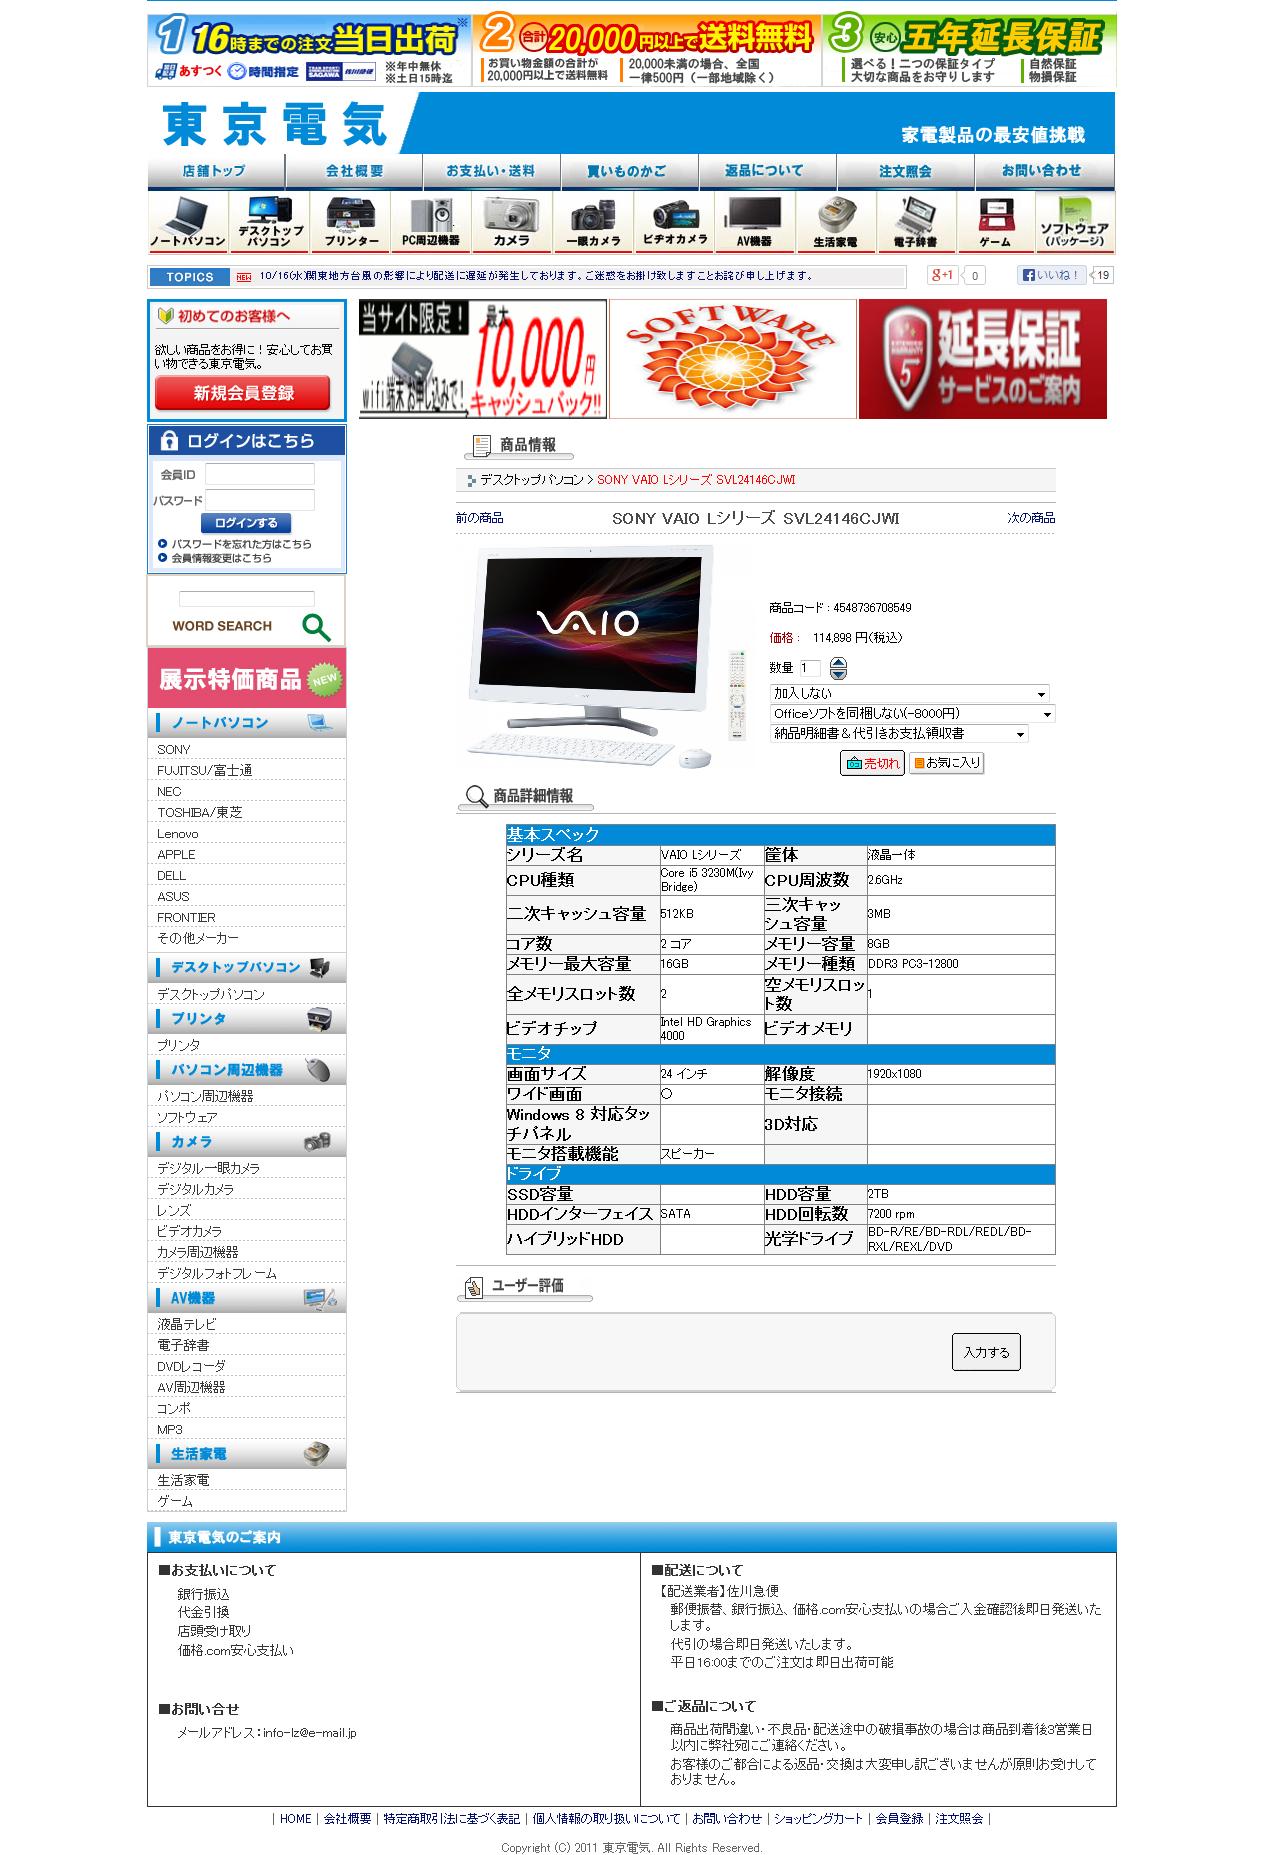 東京電気 2013年12月当時のSVL24146CJWI販売価格